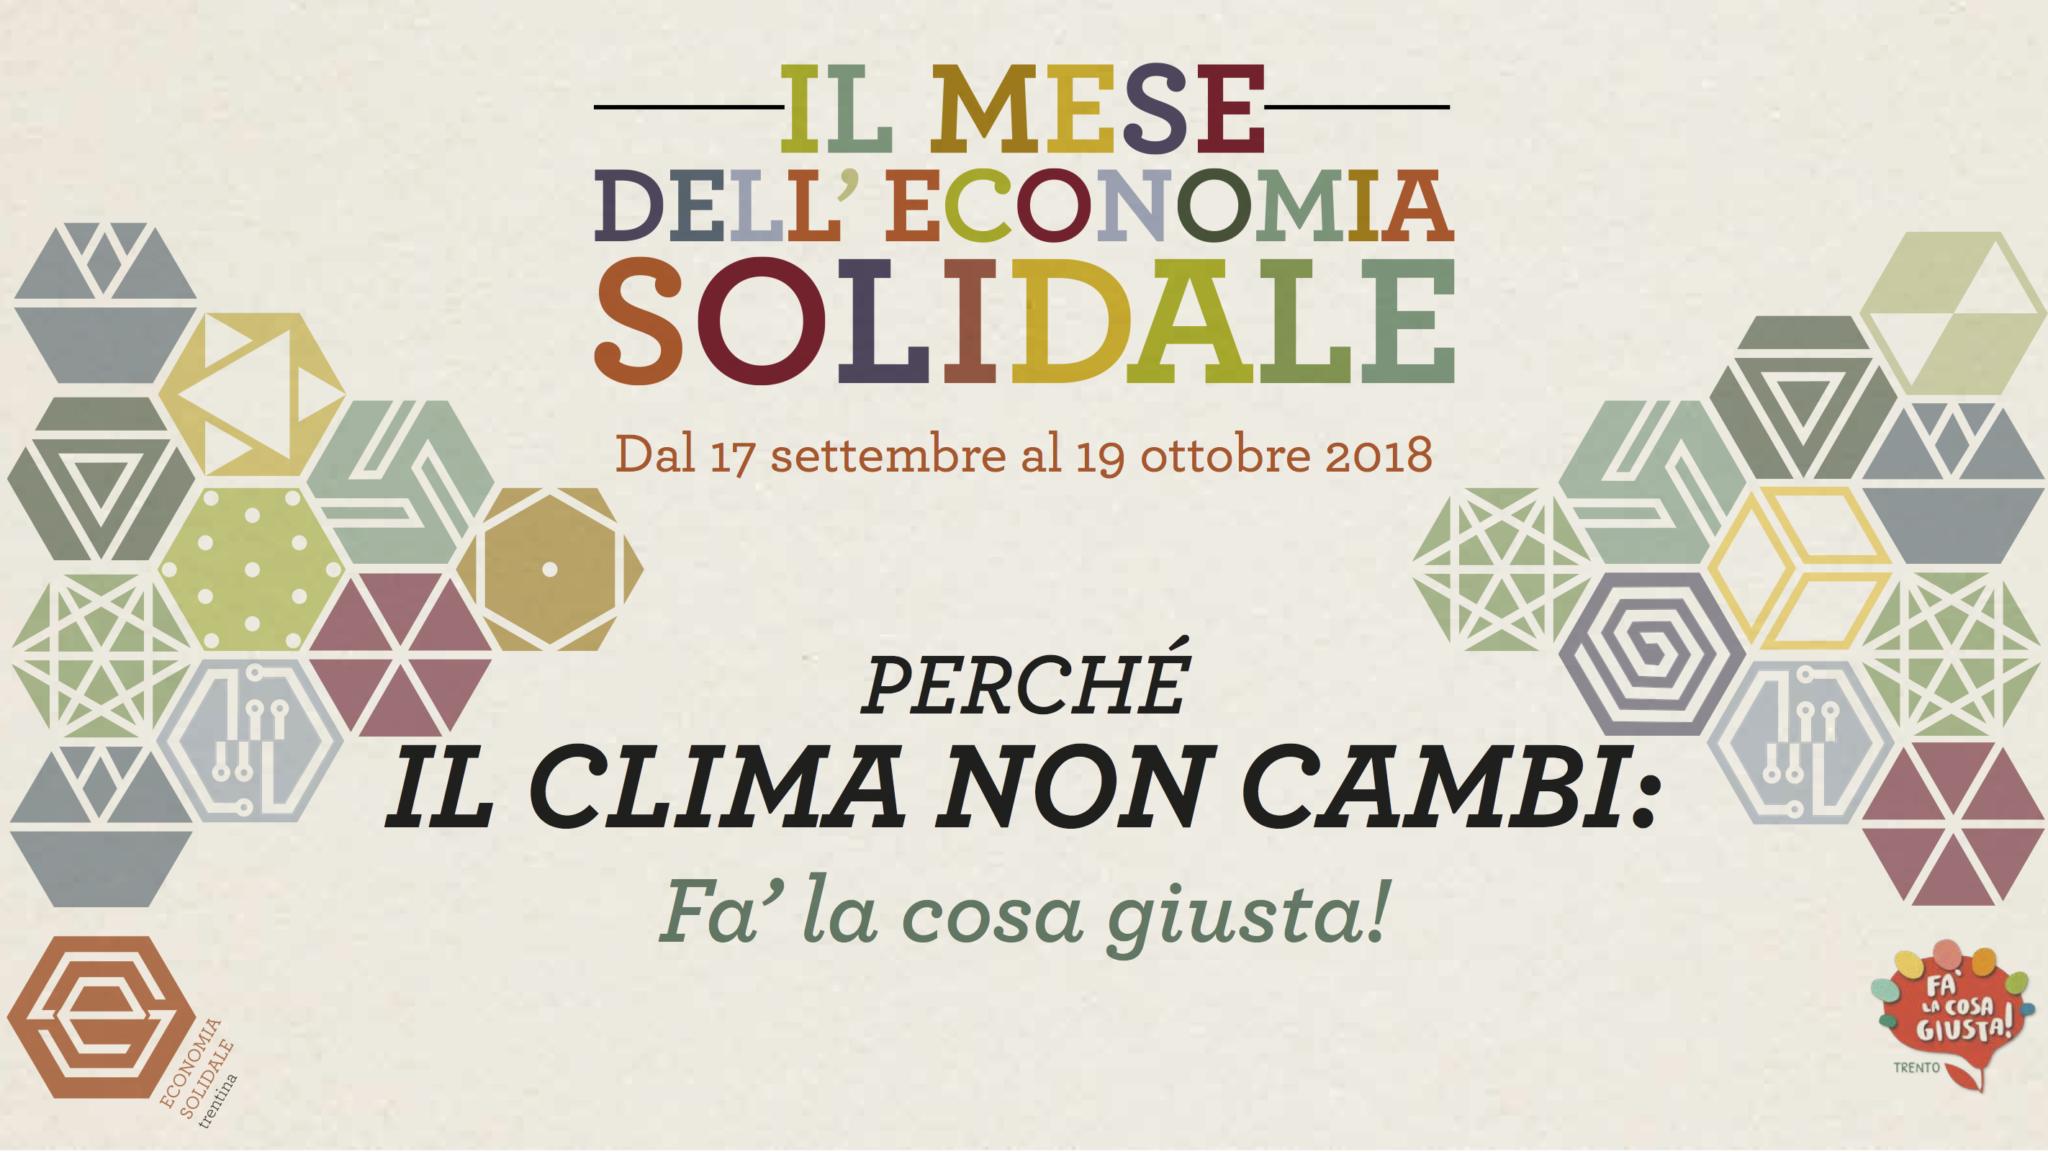 Trento Fiere Calendario.Il Mese Dell Economia Solidale